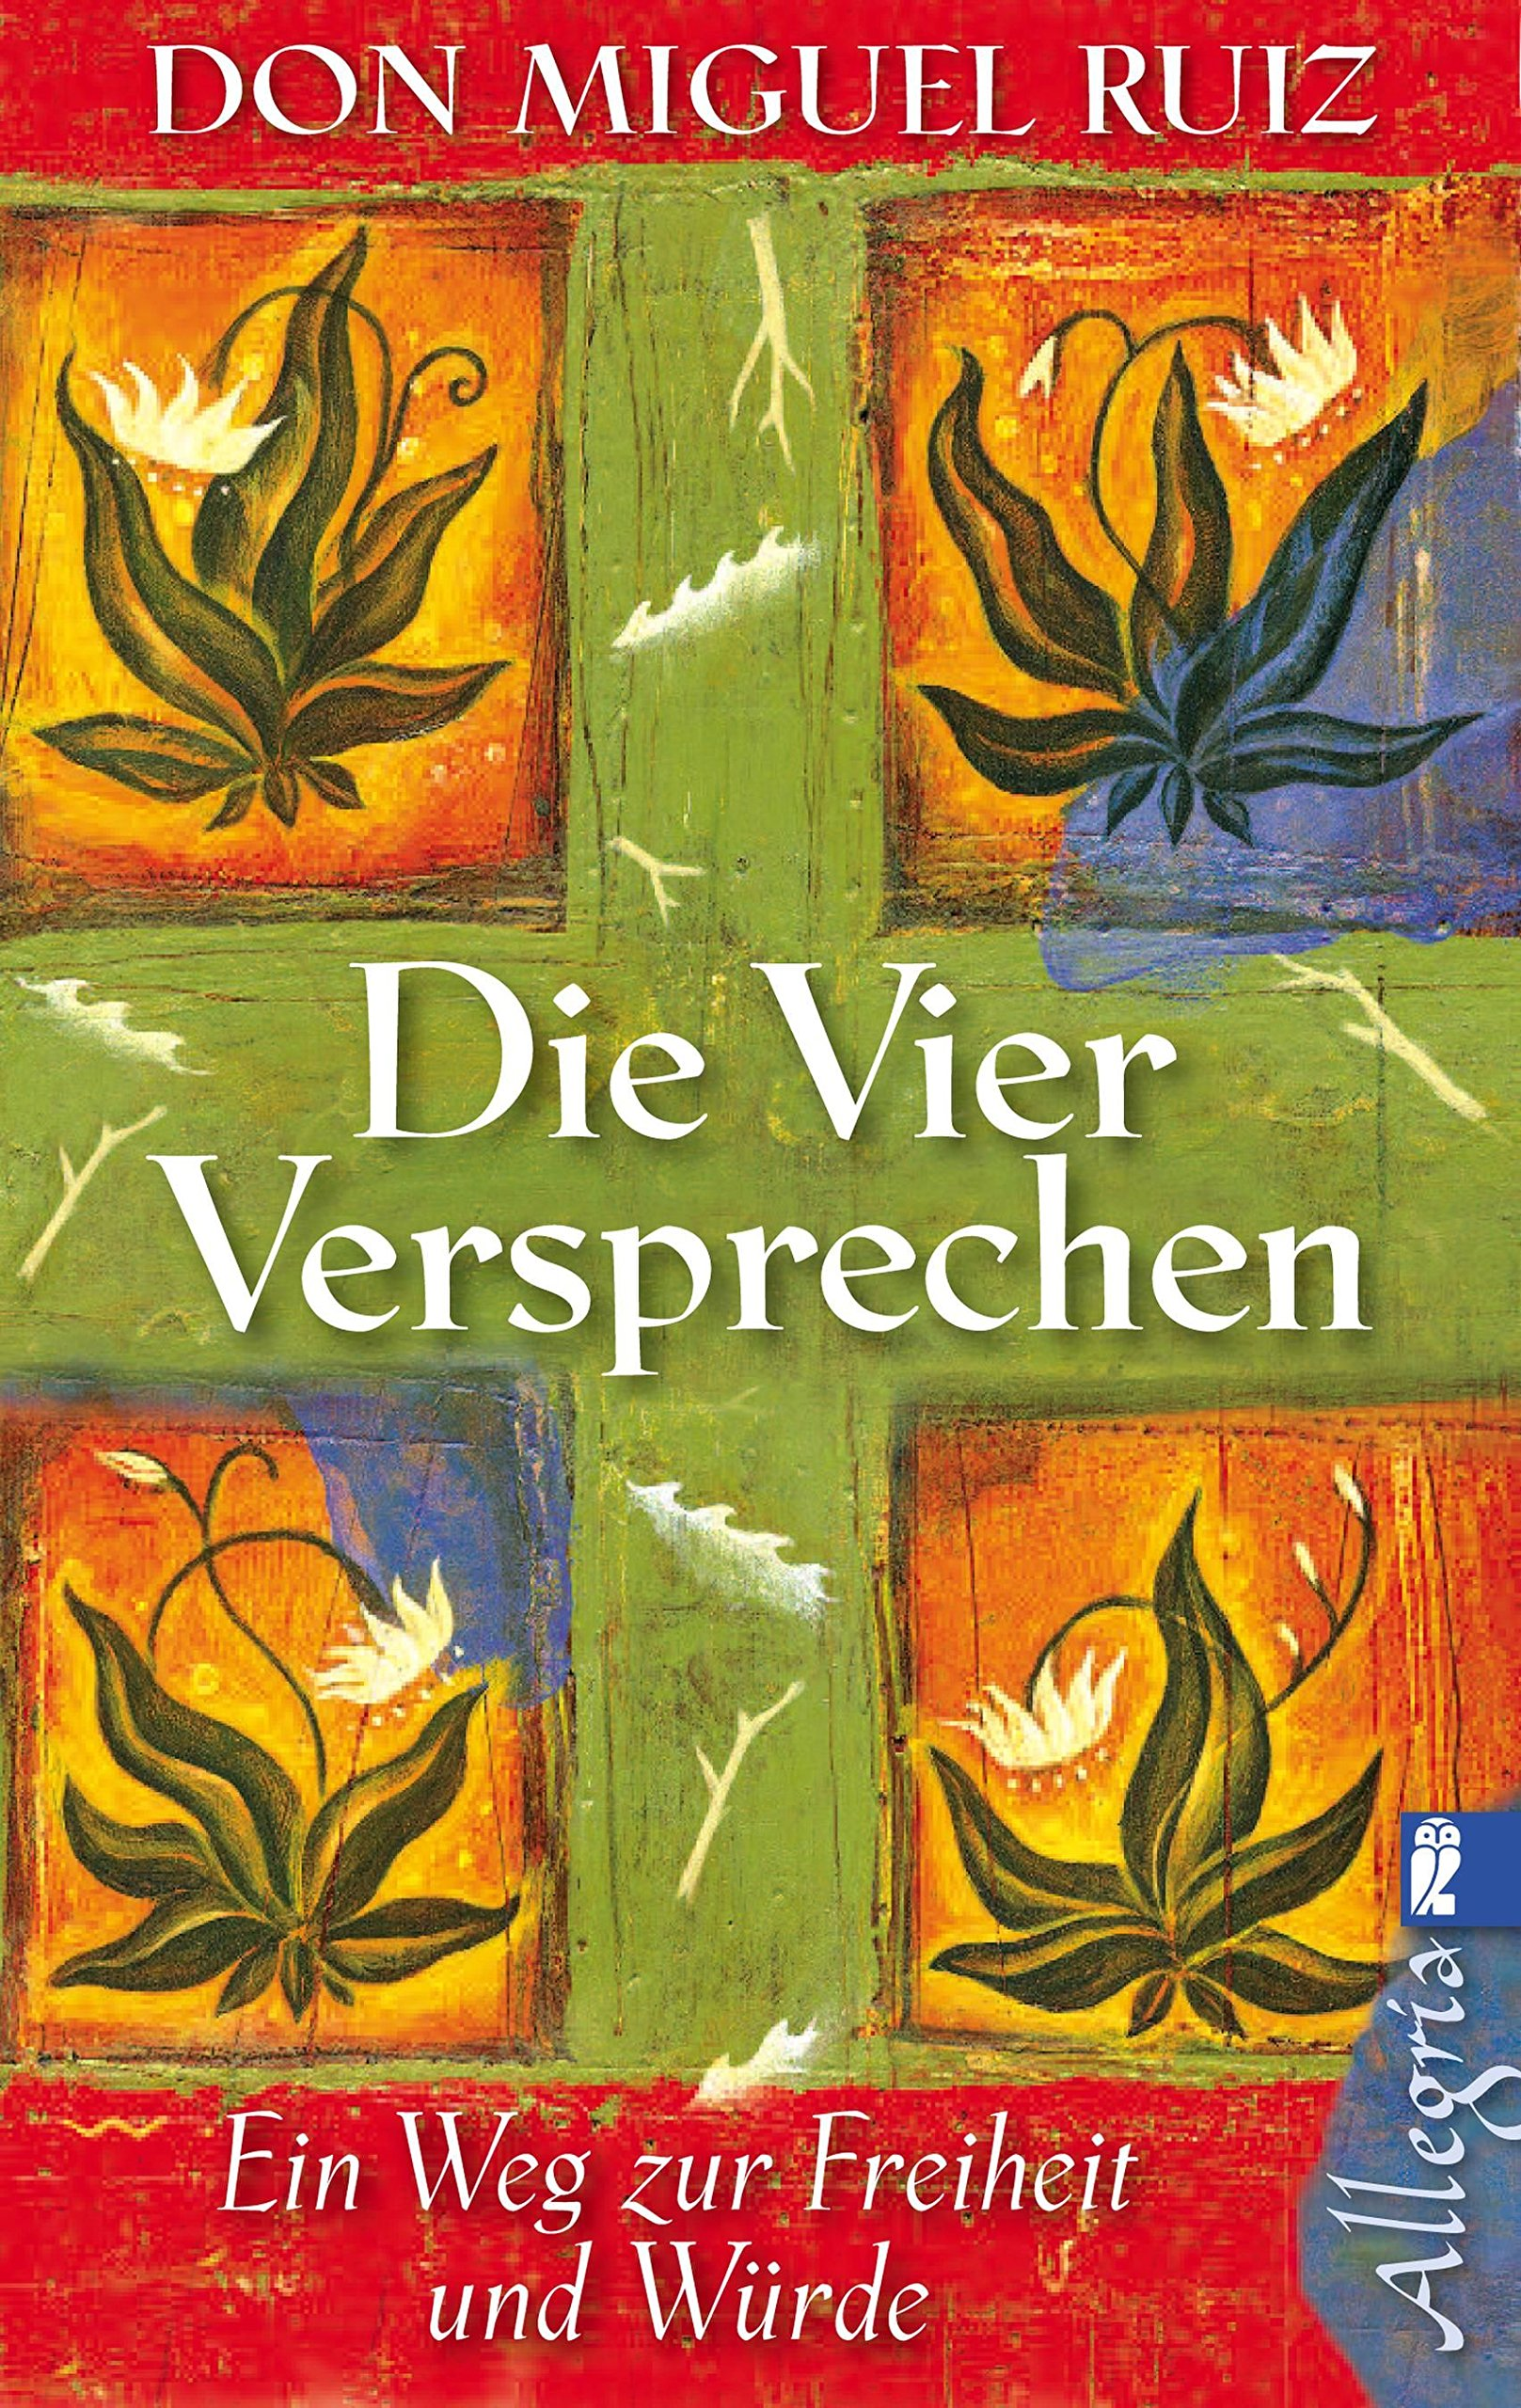 Die vier Versprechen: Ein Weg zur Freiheit und Würde Taschenbuch – 8. Juni 2012 Don Miguel Ruiz Allegria Taschenbuch 3548745601 Grenzwissenschaften